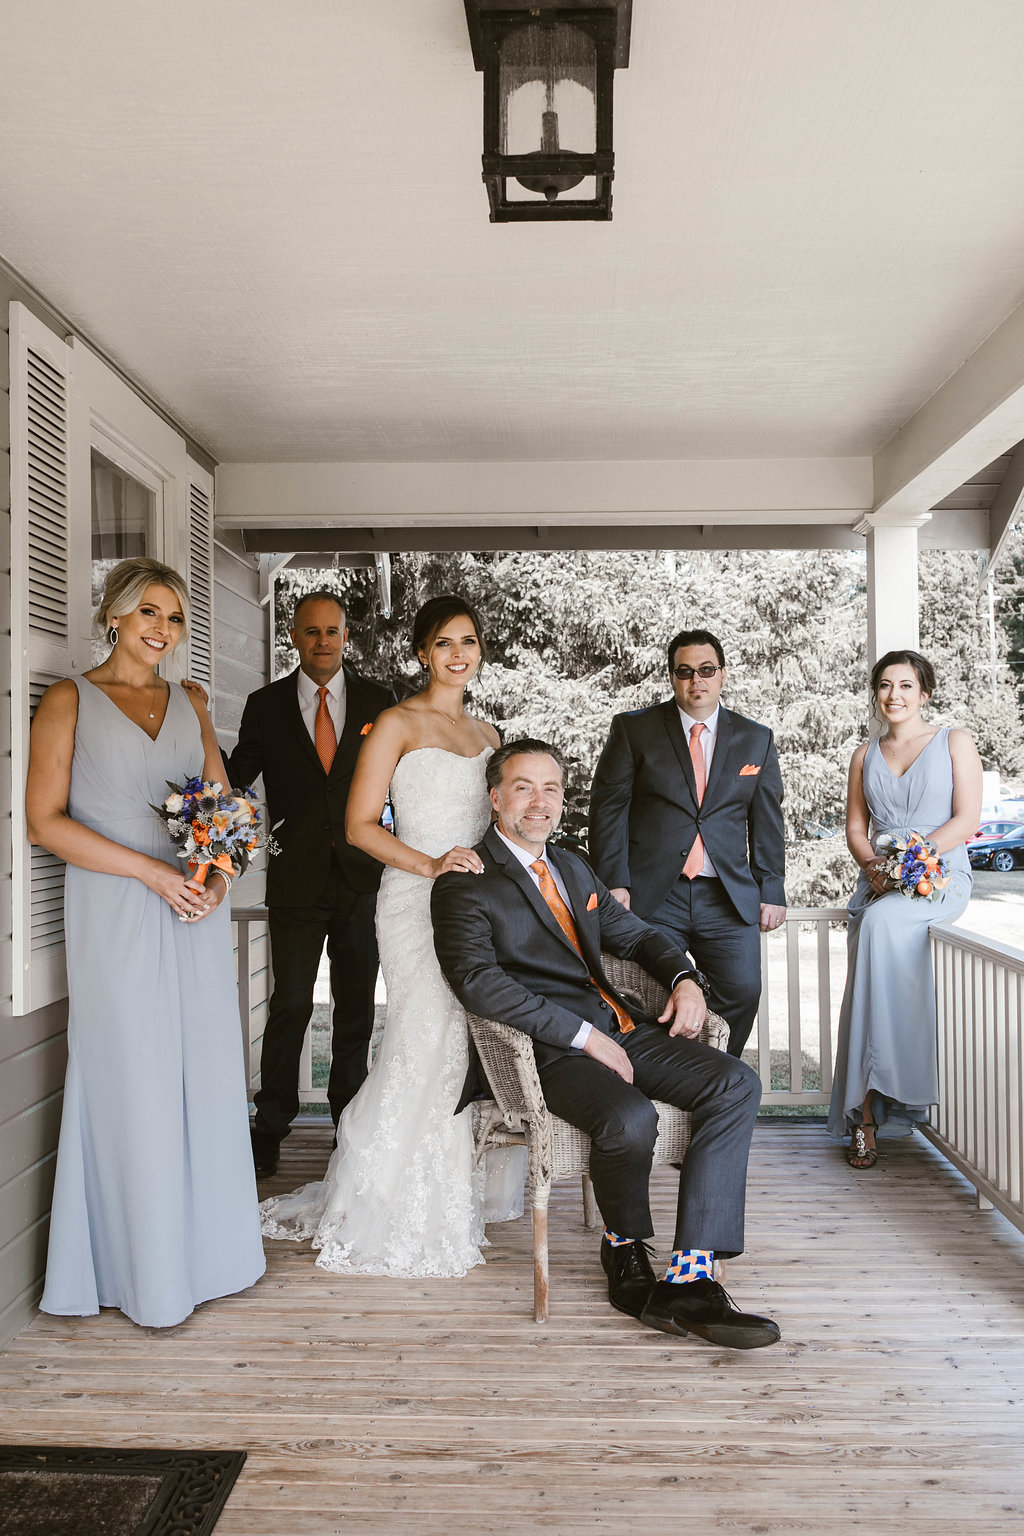 Erin+Tyson_The_Kelley_Farm_Wedding_by_Adina_Preston_Weddings_488.JPG